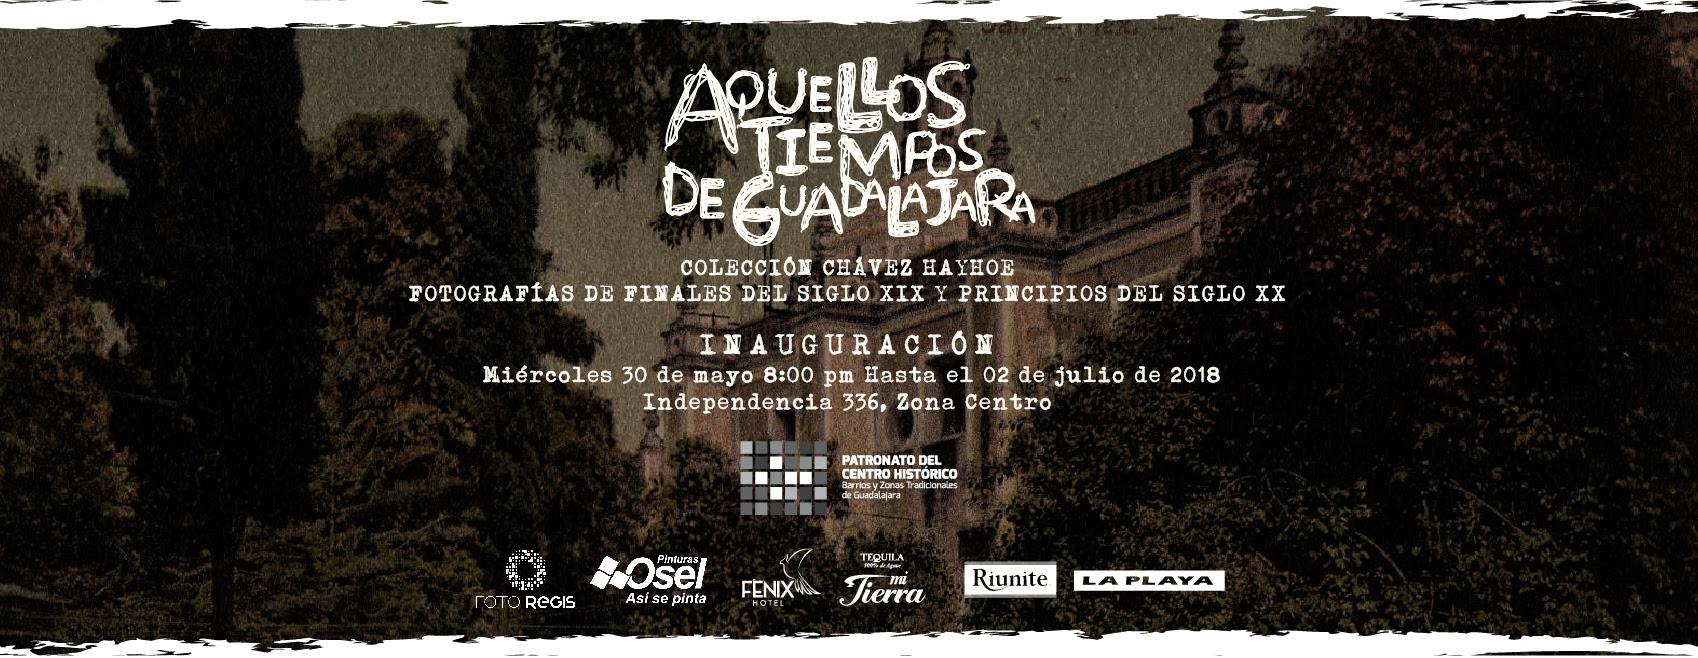 Aquellos tiempos de Guadalajara / Calle Independencia 33